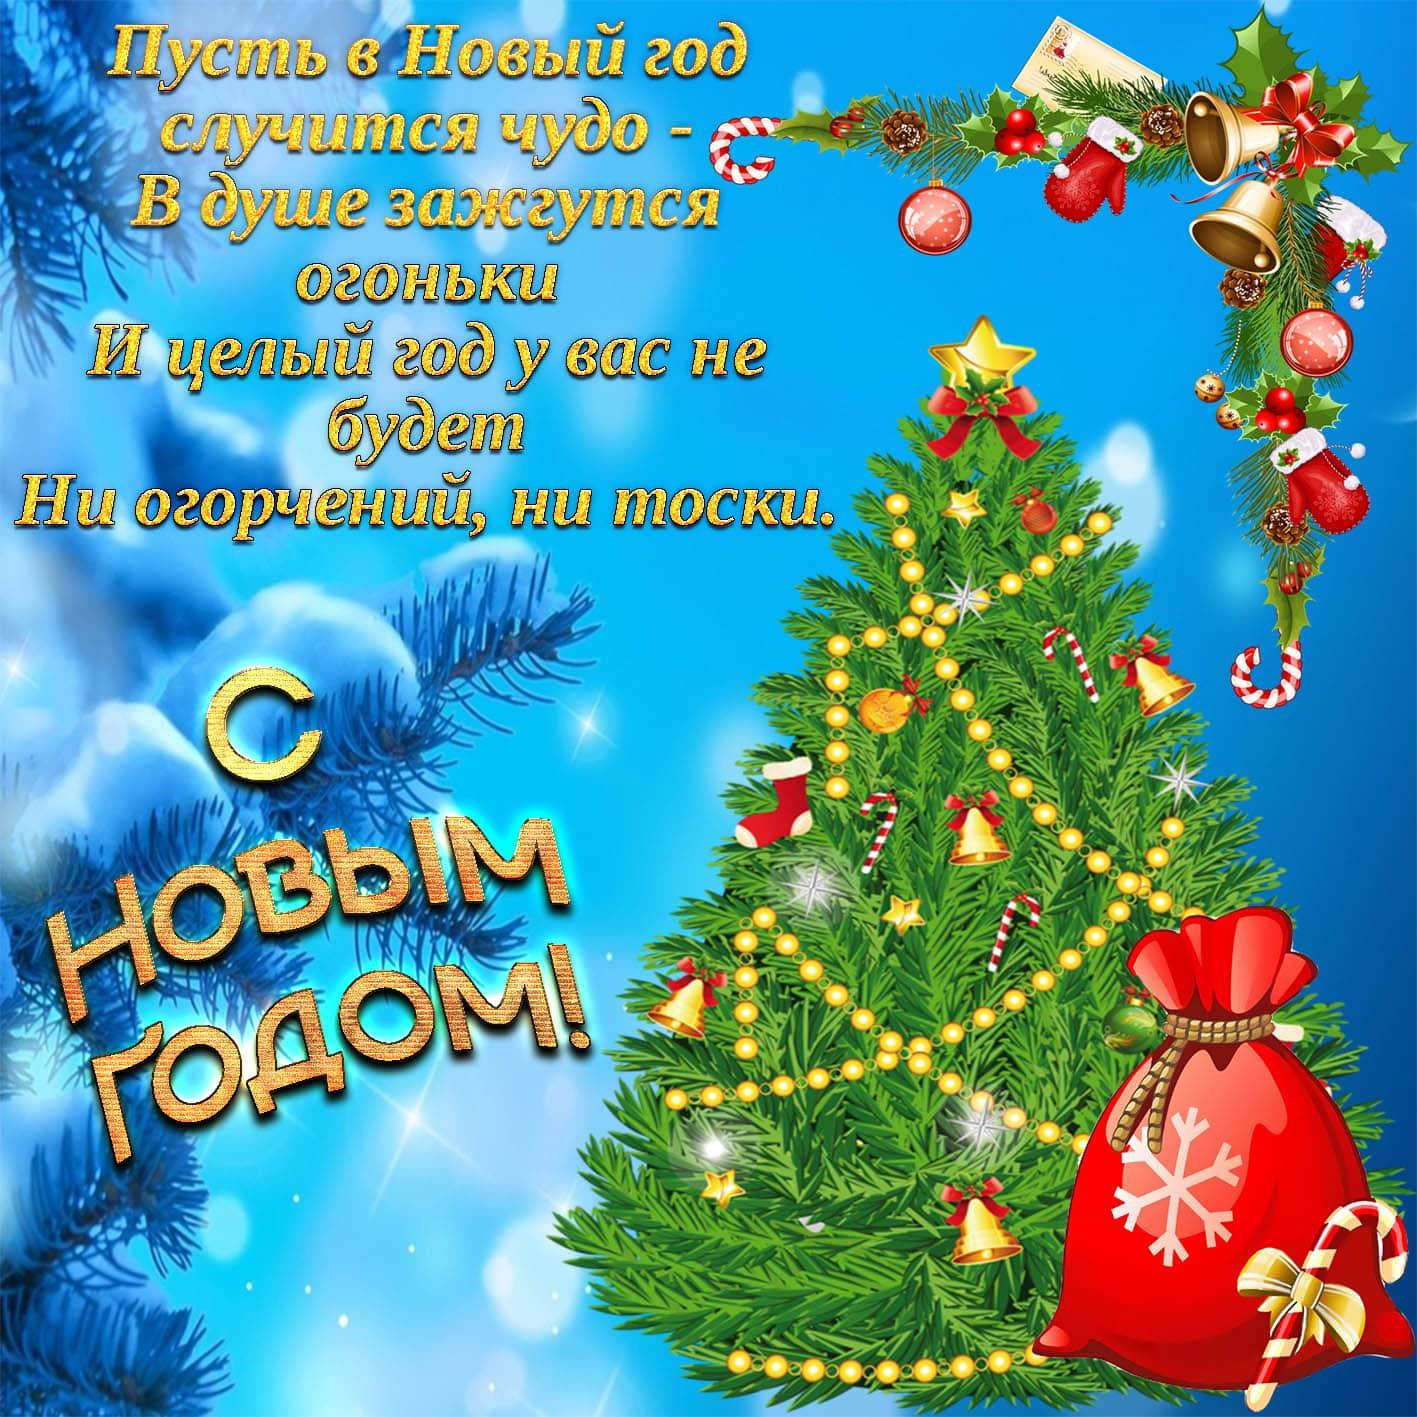 https://ptoday.ru/wp-content/uploads/2019/11/s-novym-godom-2019-krasochnye-kartinki-otkrytki-dushevnye-pozdravleniya-druzyam-i-blizkim_942.jpg